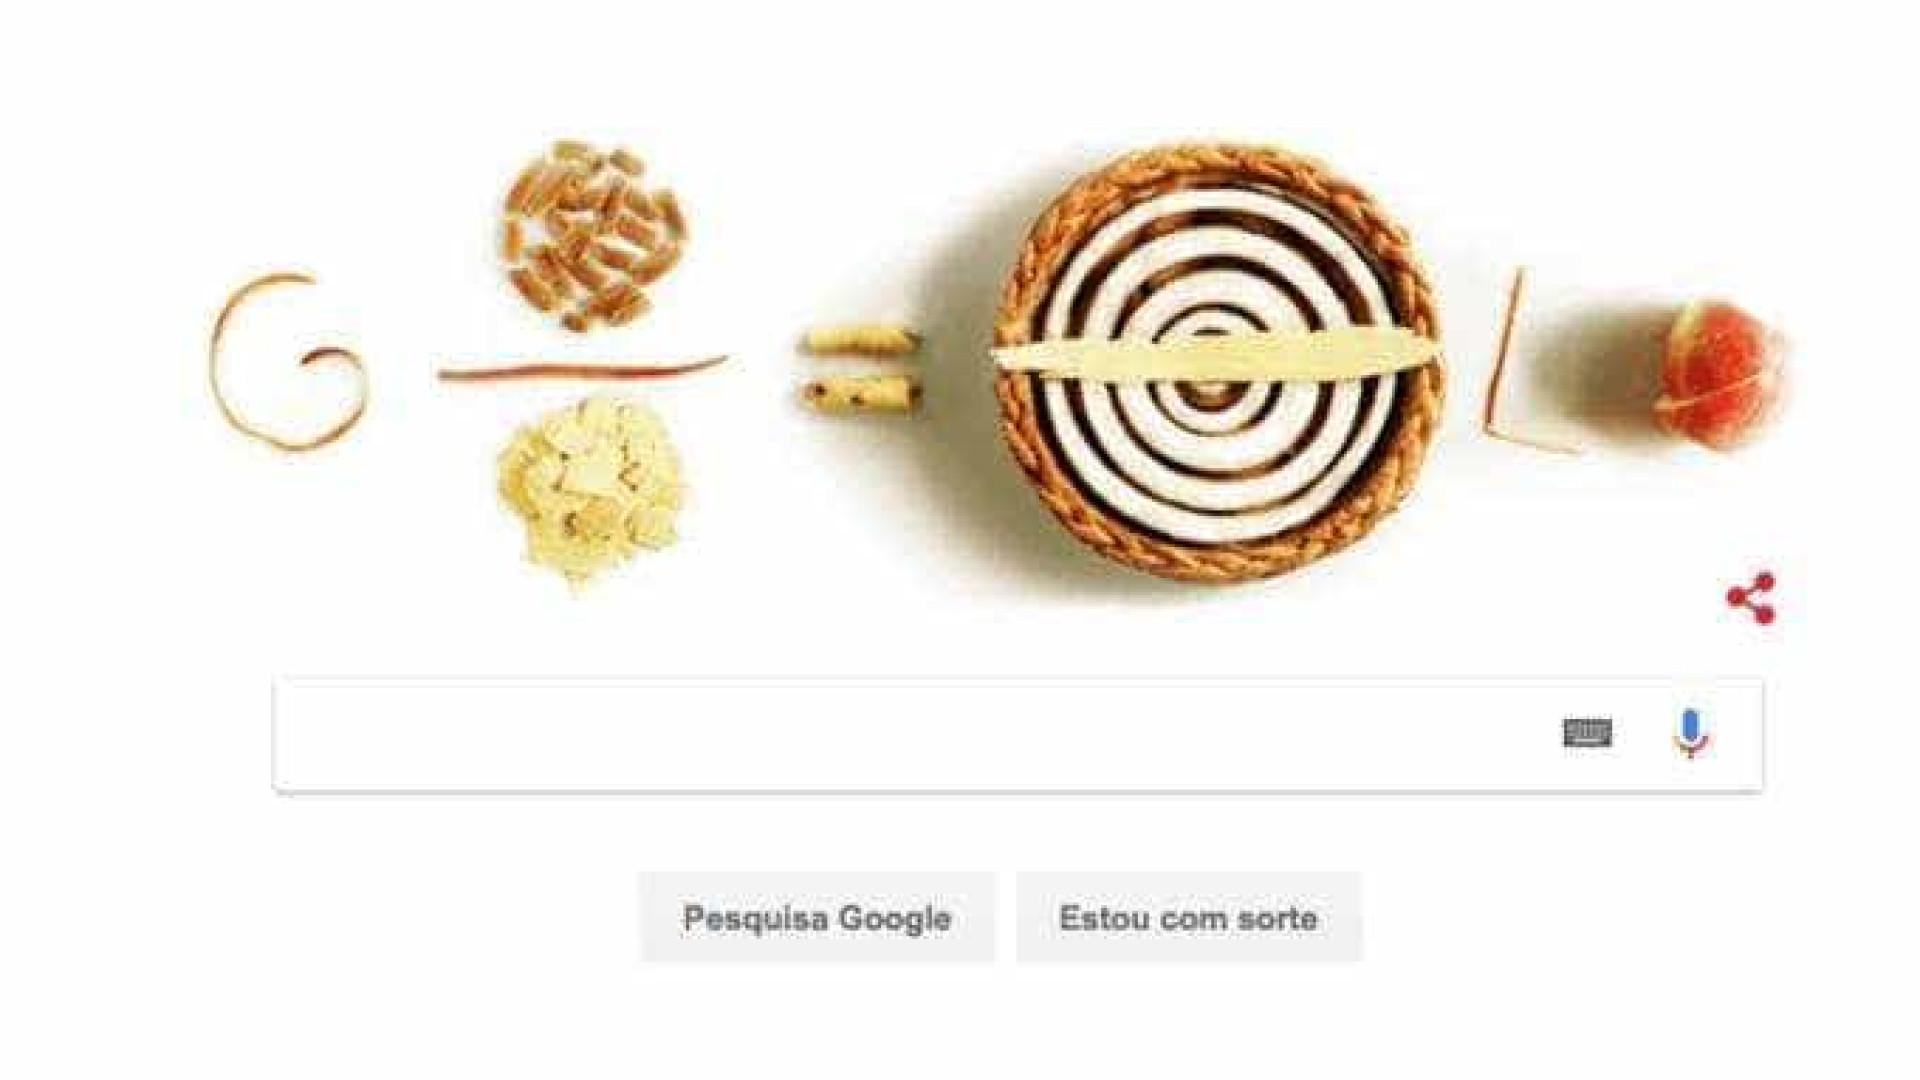 Google celebra 'Festa do Pi' com doodle de tortas